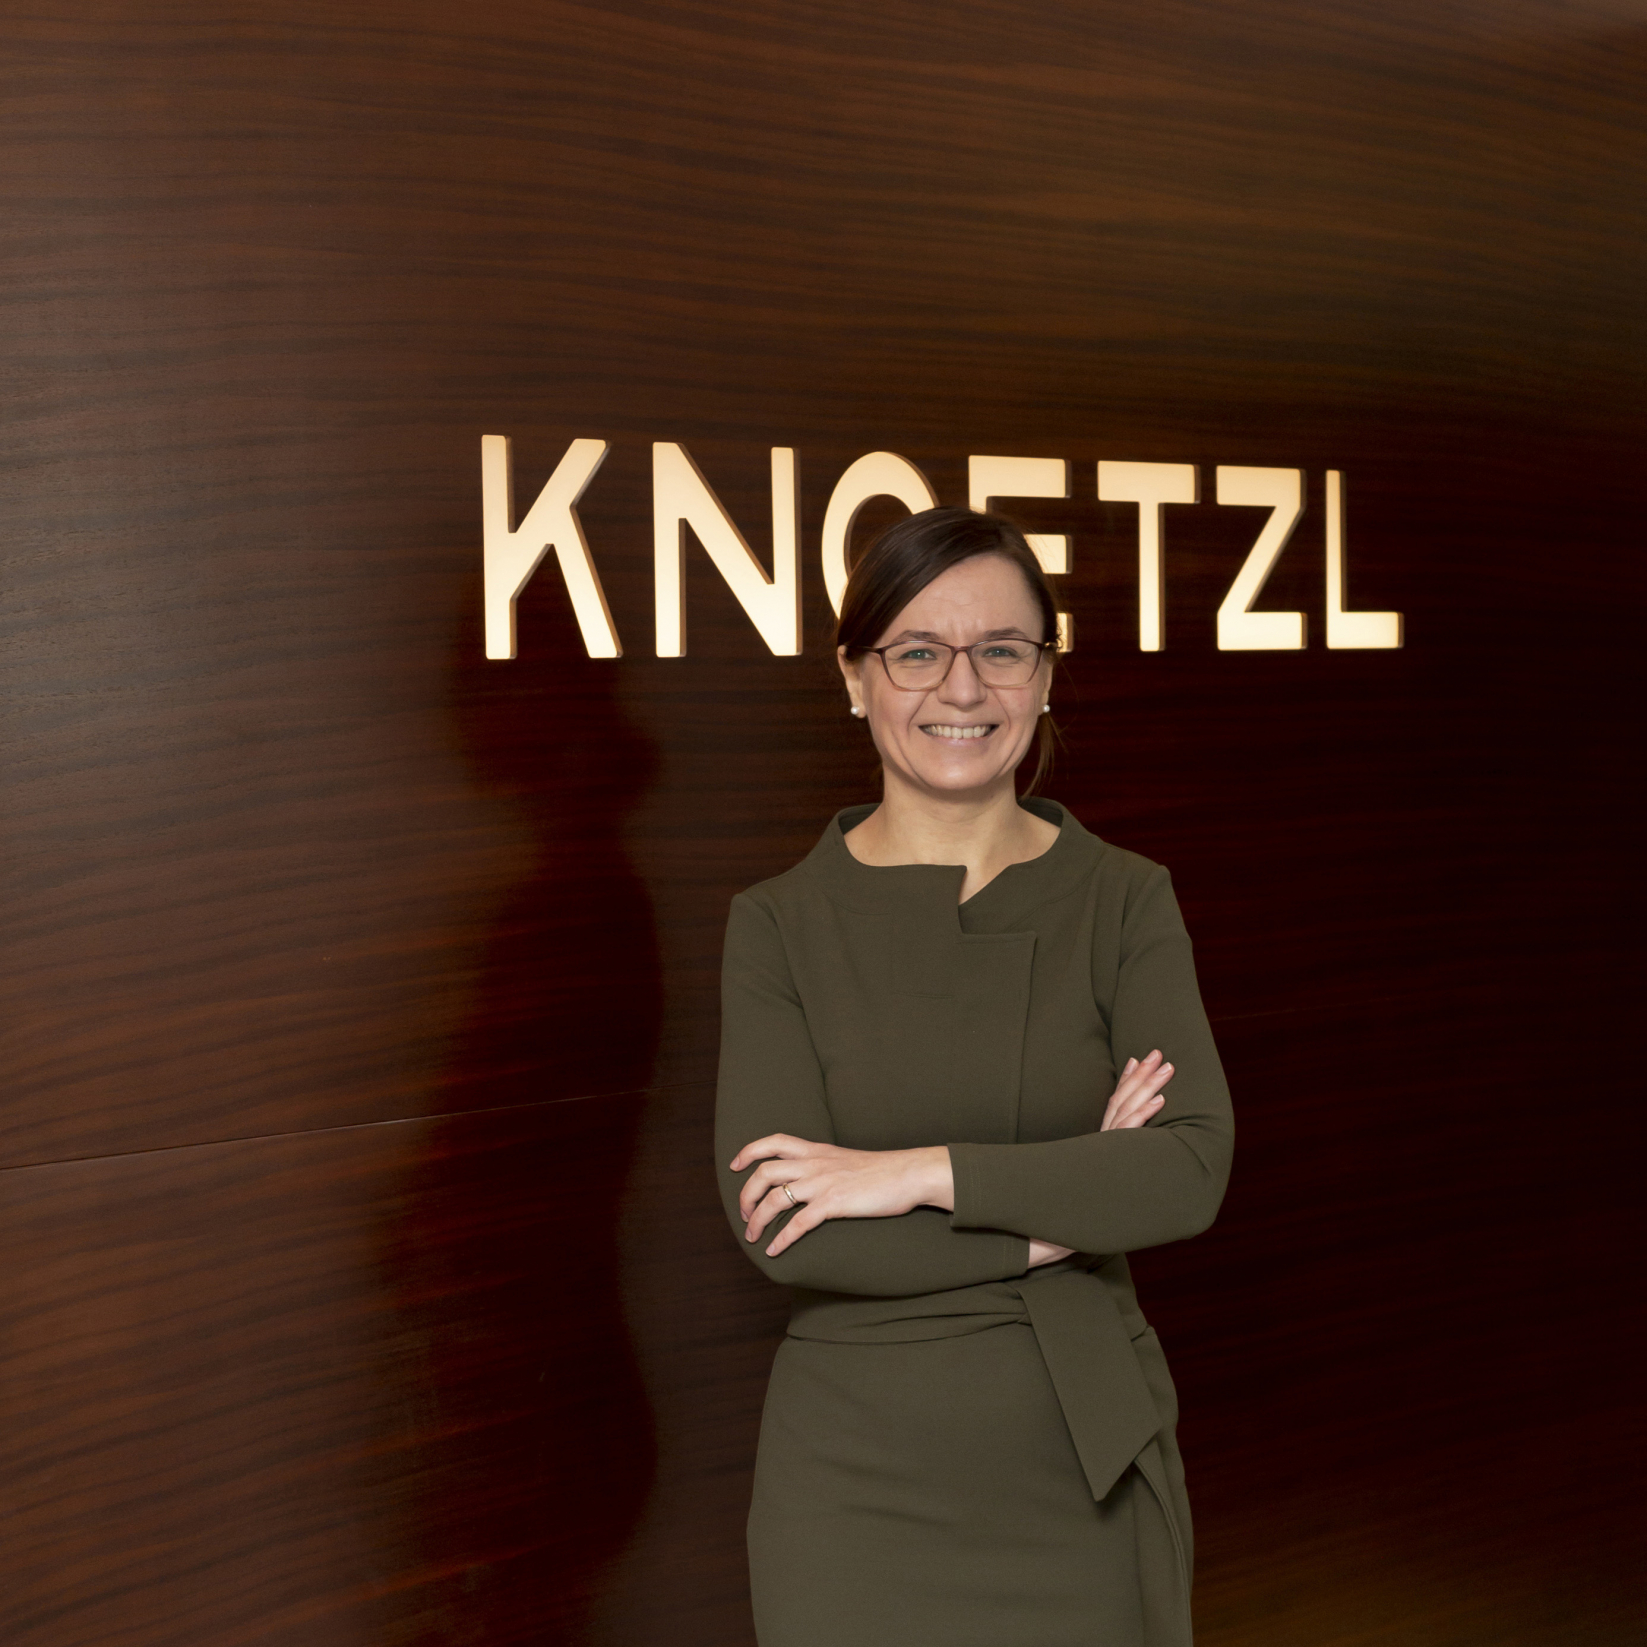 Knoetzl-Petkute3